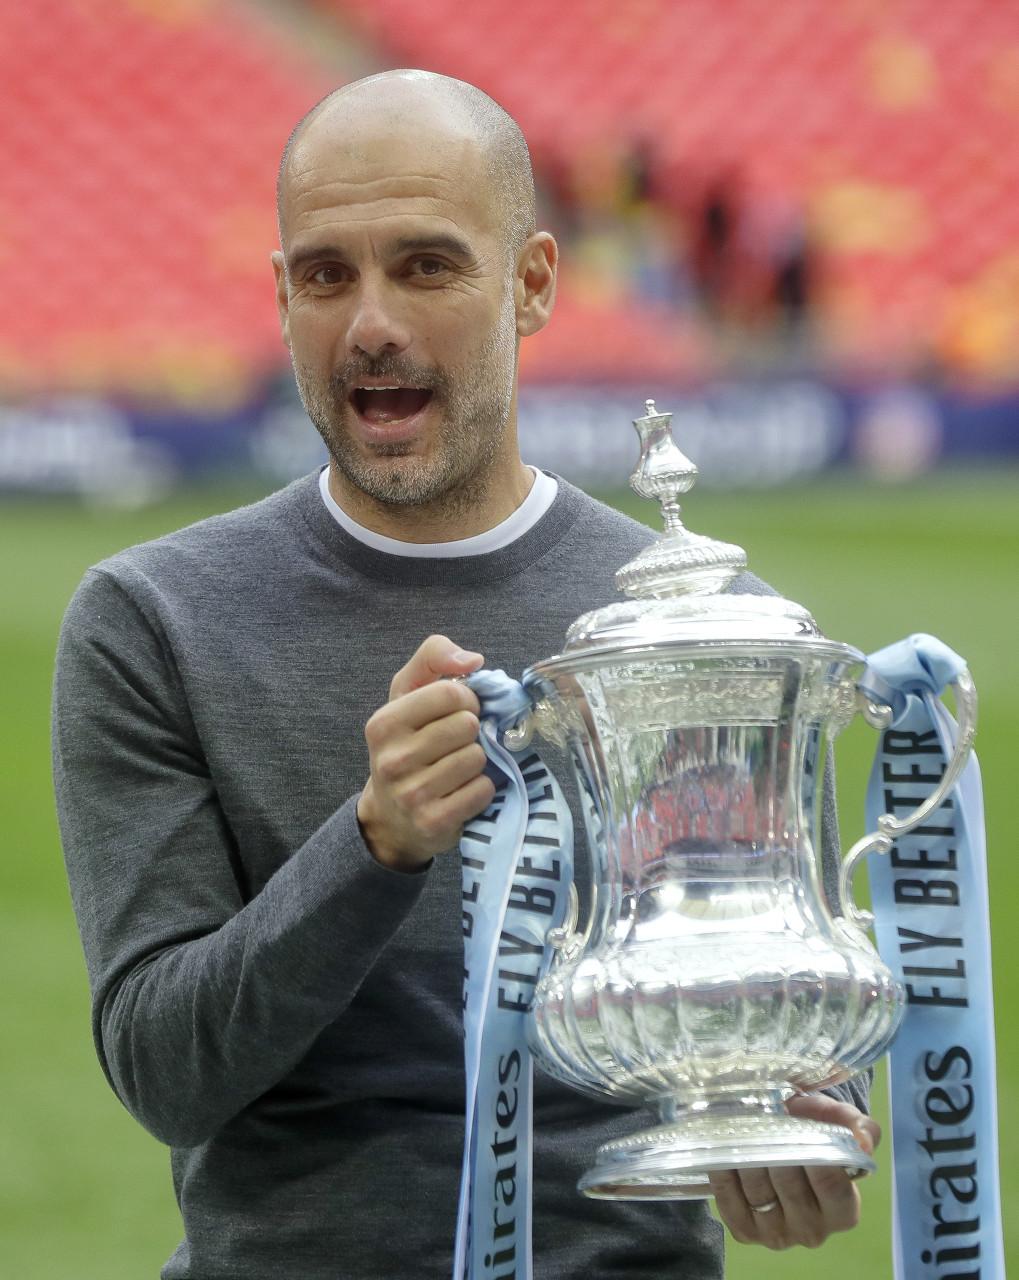 曼城老板拍下最陈旧足总杯奖杯,放置曼彻斯特博物馆以供展现